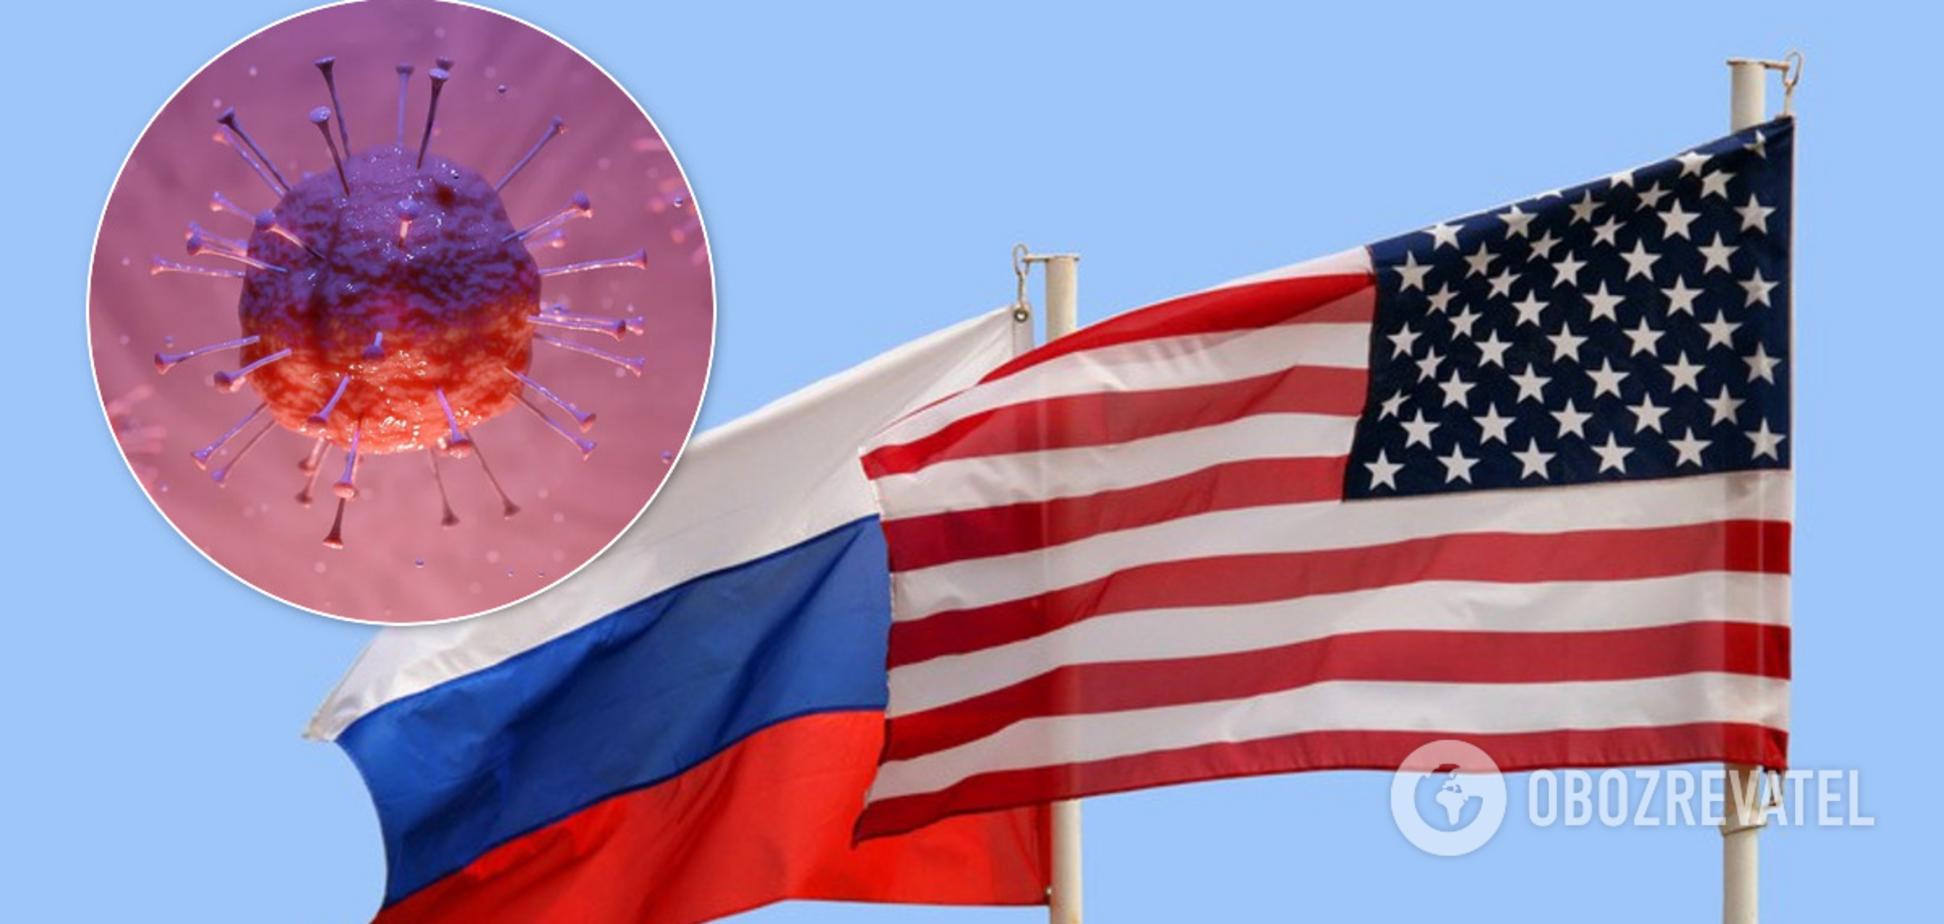 После пандемии коронавируса Россия потеряет значение, а США станут центром – Иноземцев